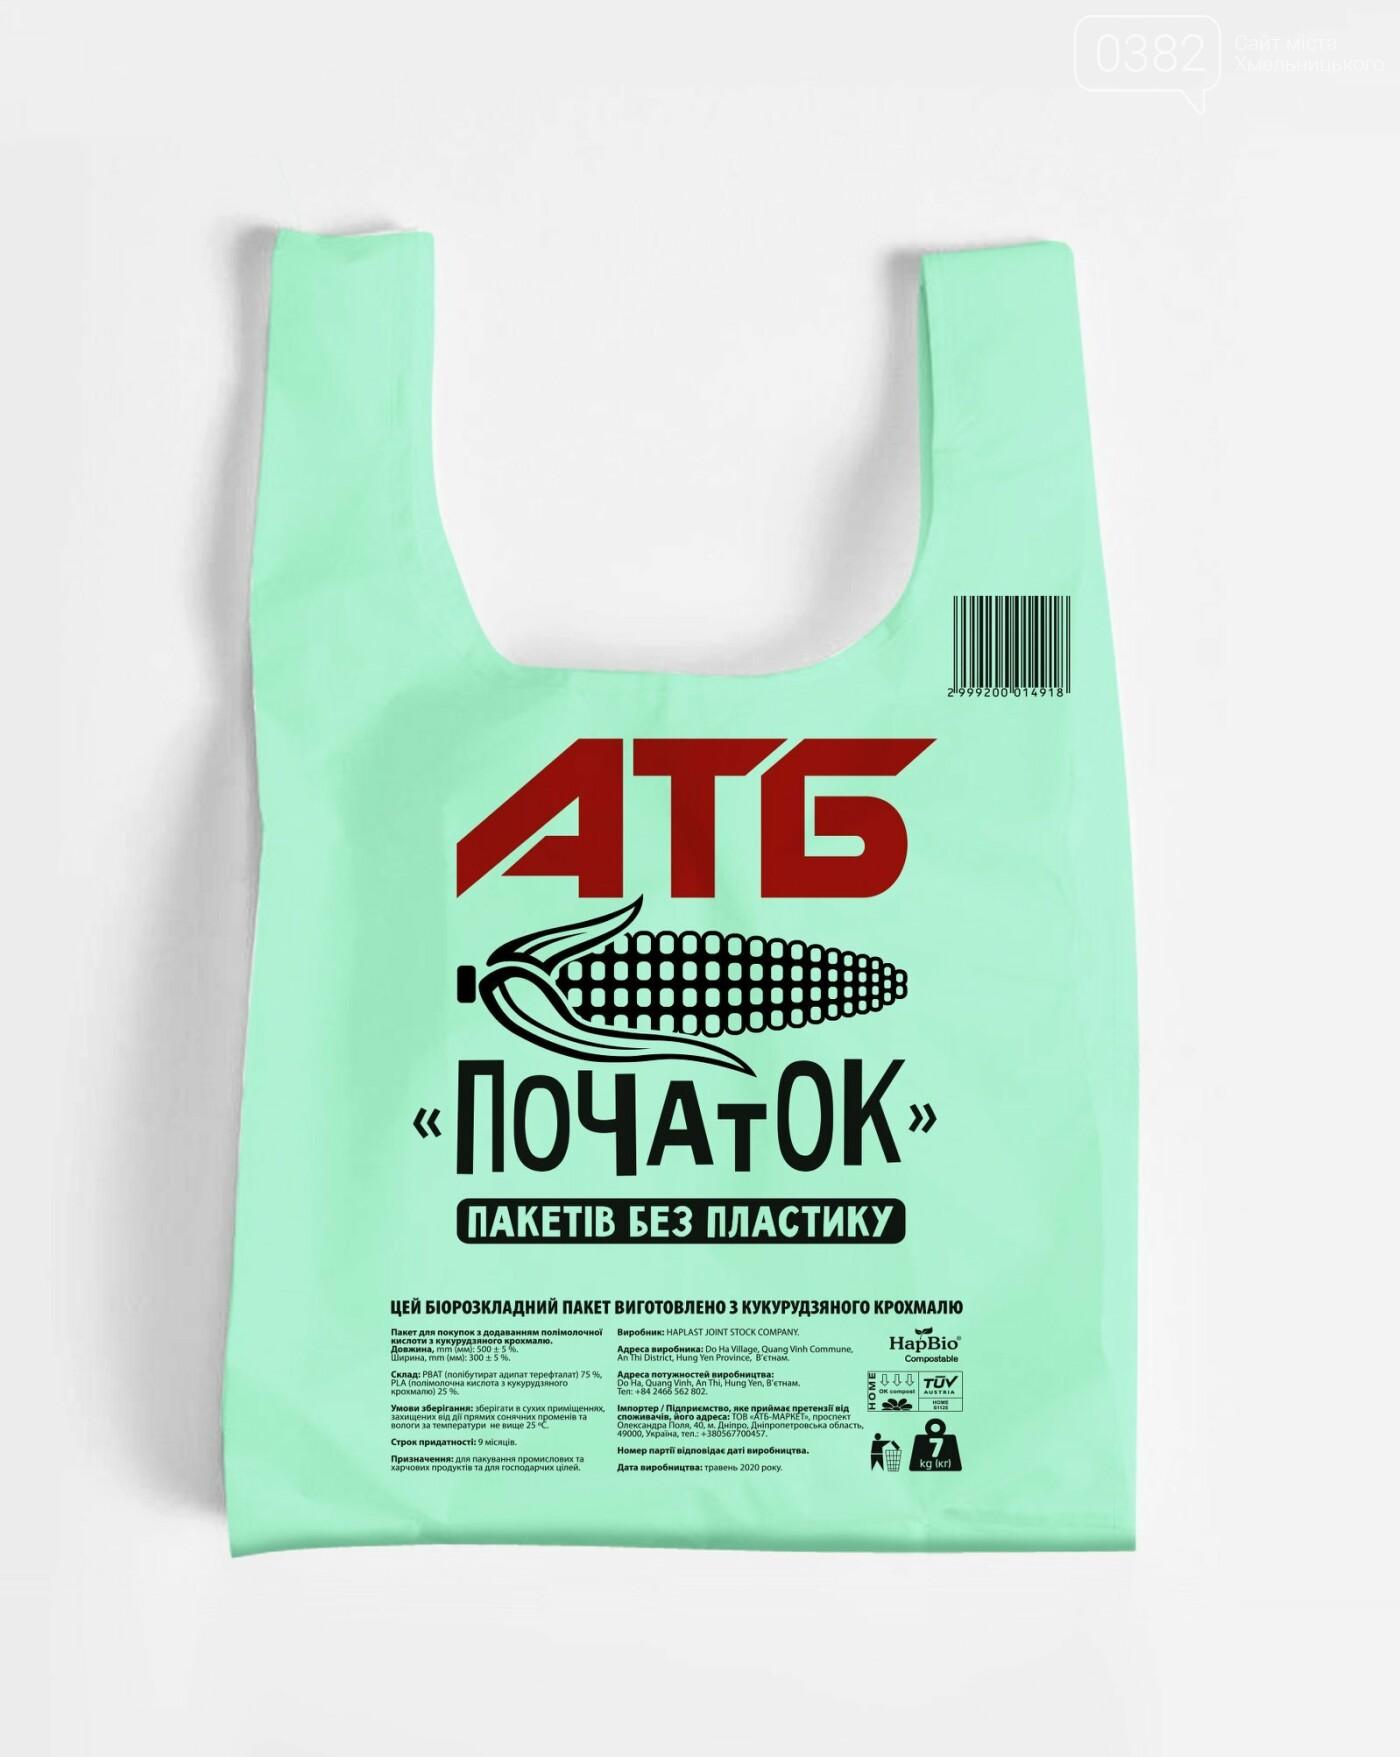 Ще один екопроєкт «АТБ»: чому нові пакети з кукурудзяного крохмалю кращі за традиційні , фото-2